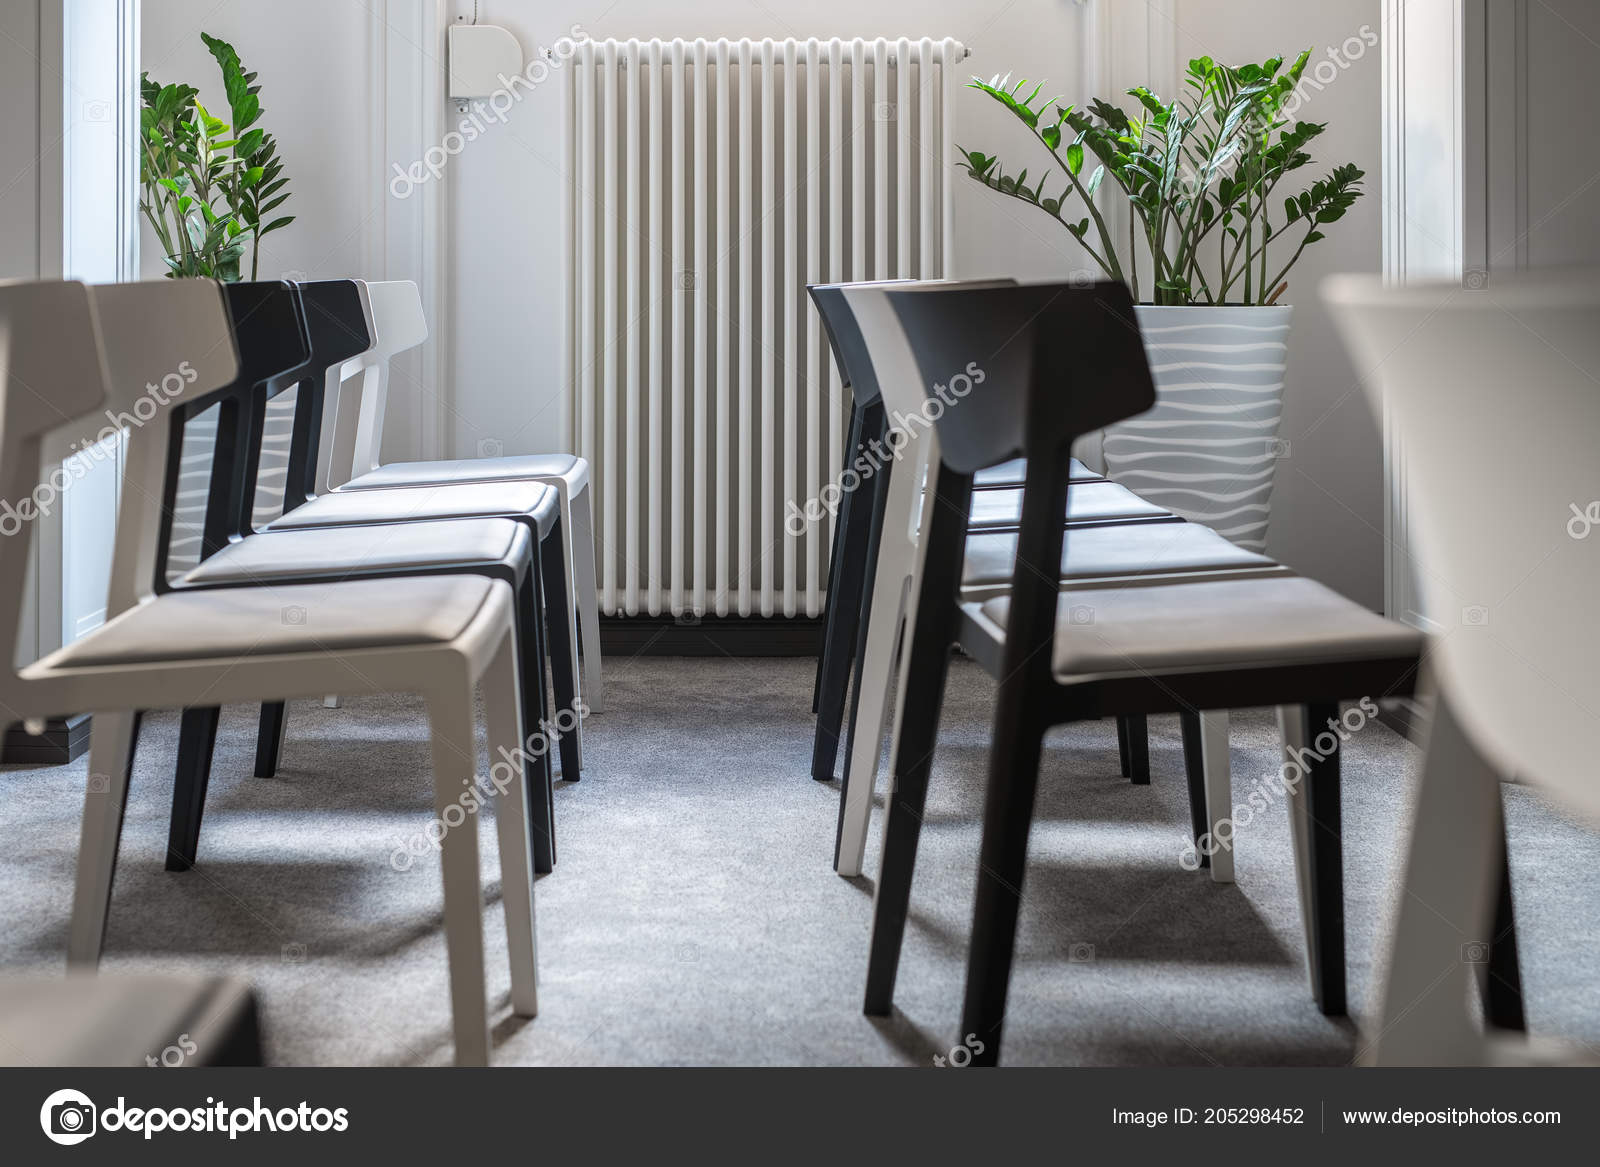 Pareti A Strisce Bianco E Nero : Righe bianchi nero sedie nella sala conferenze con pareti bianche